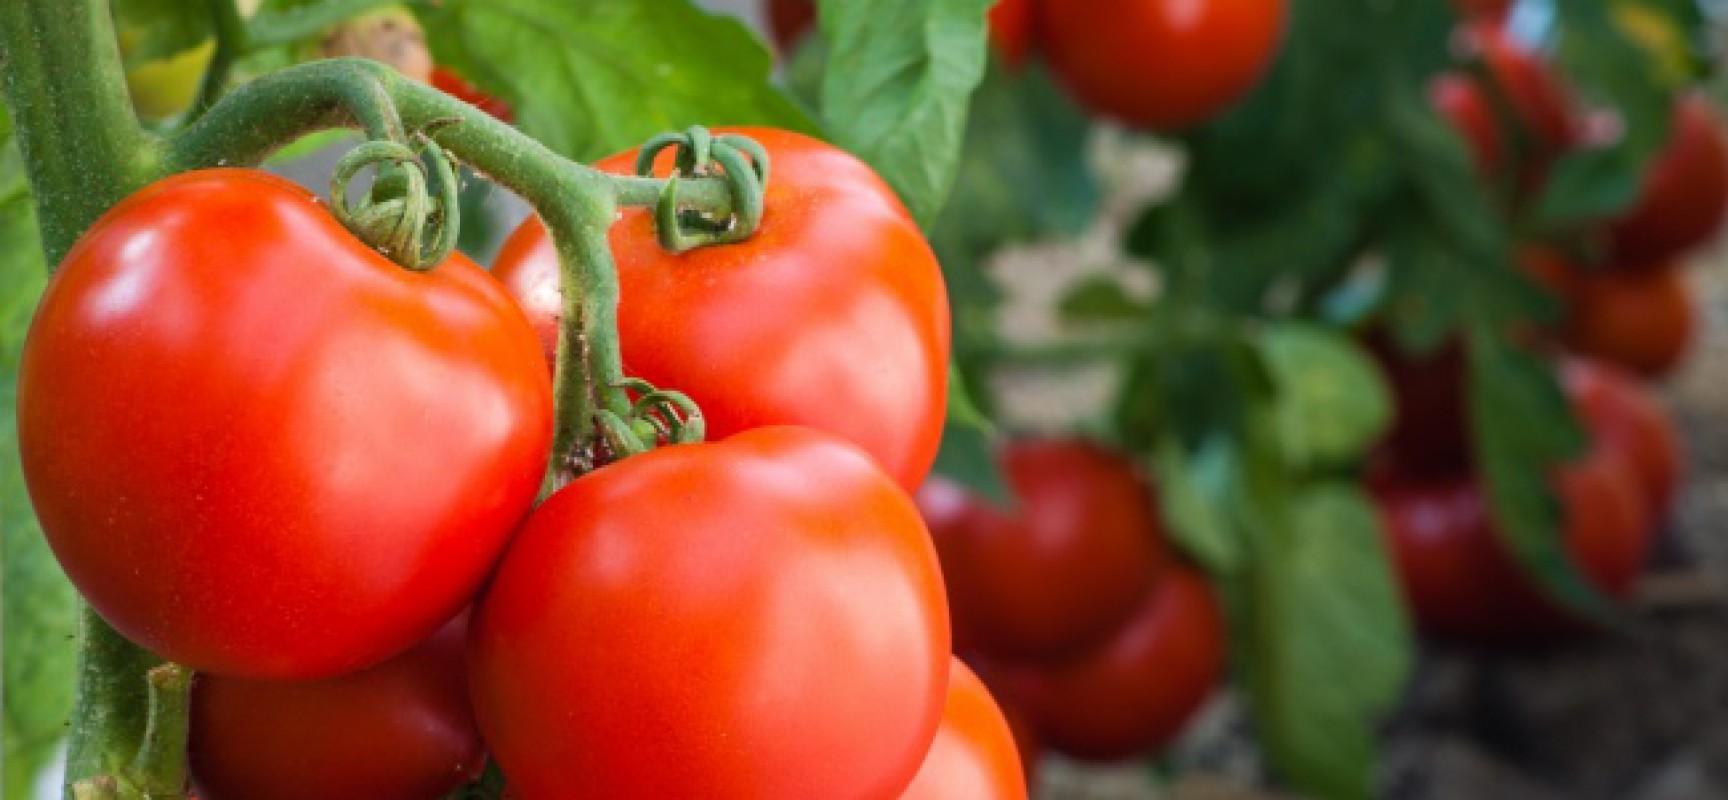 Sirkunsisel de los rvoles en la aktualidad el nahuate for Noctuelle de la tomate